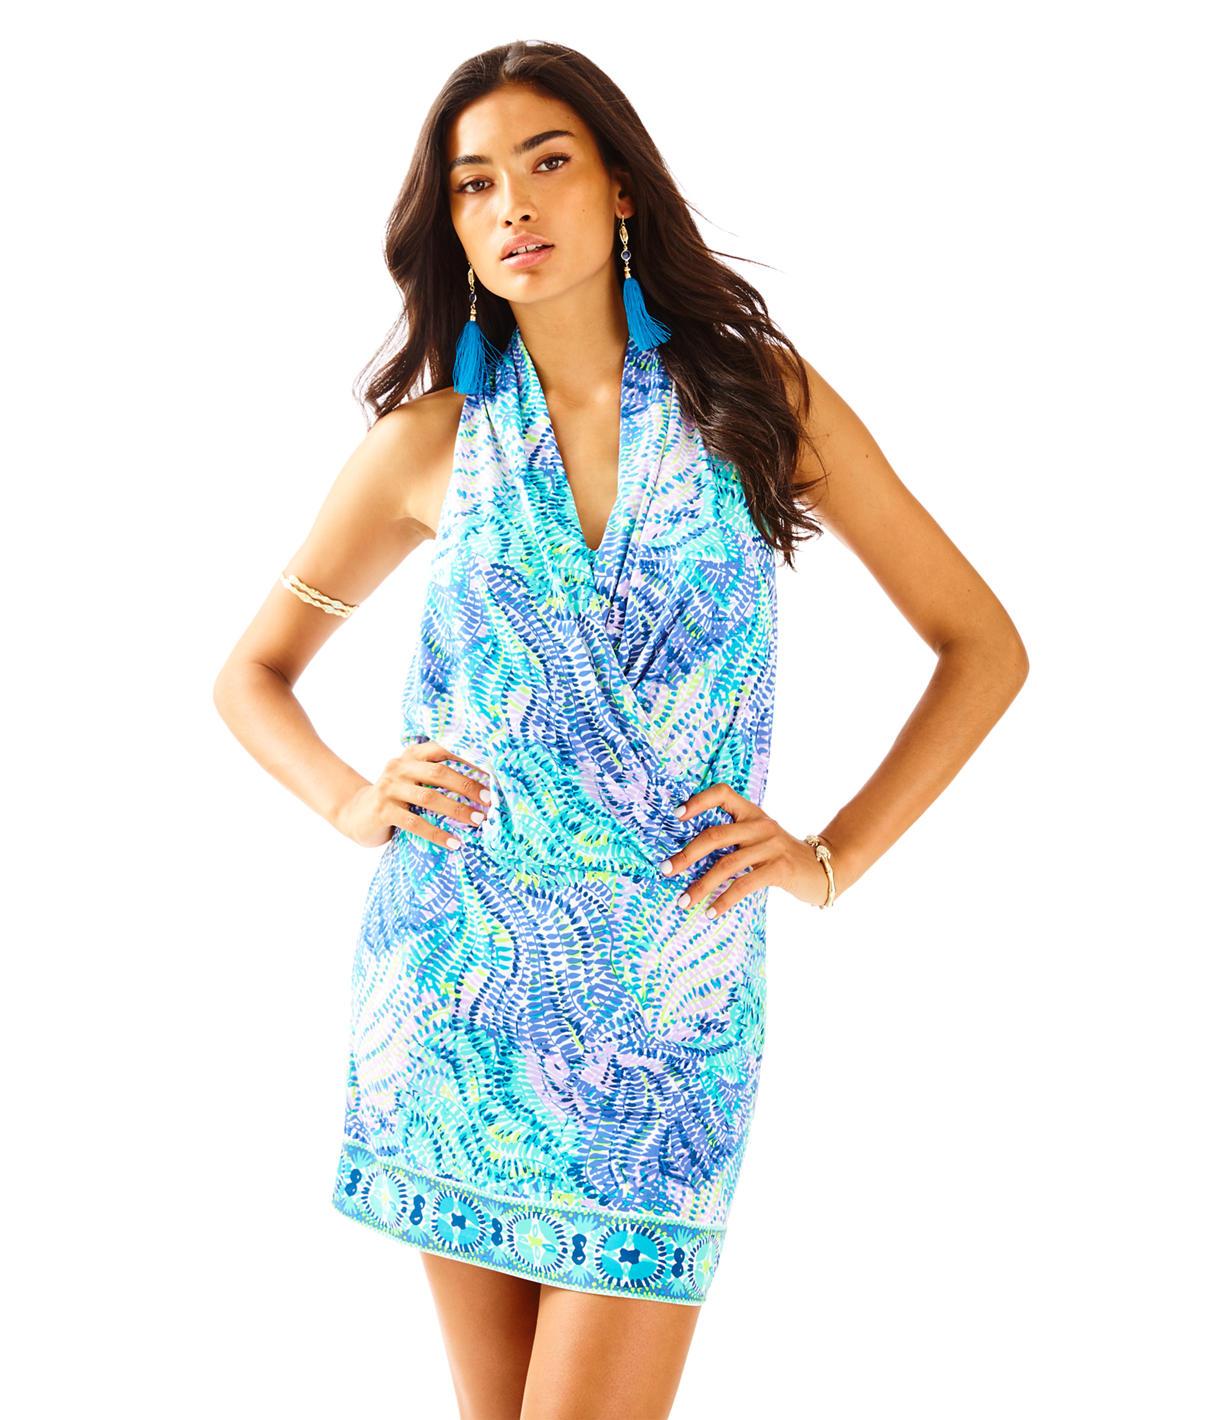 Lilly Pulitzer Felizia Dress